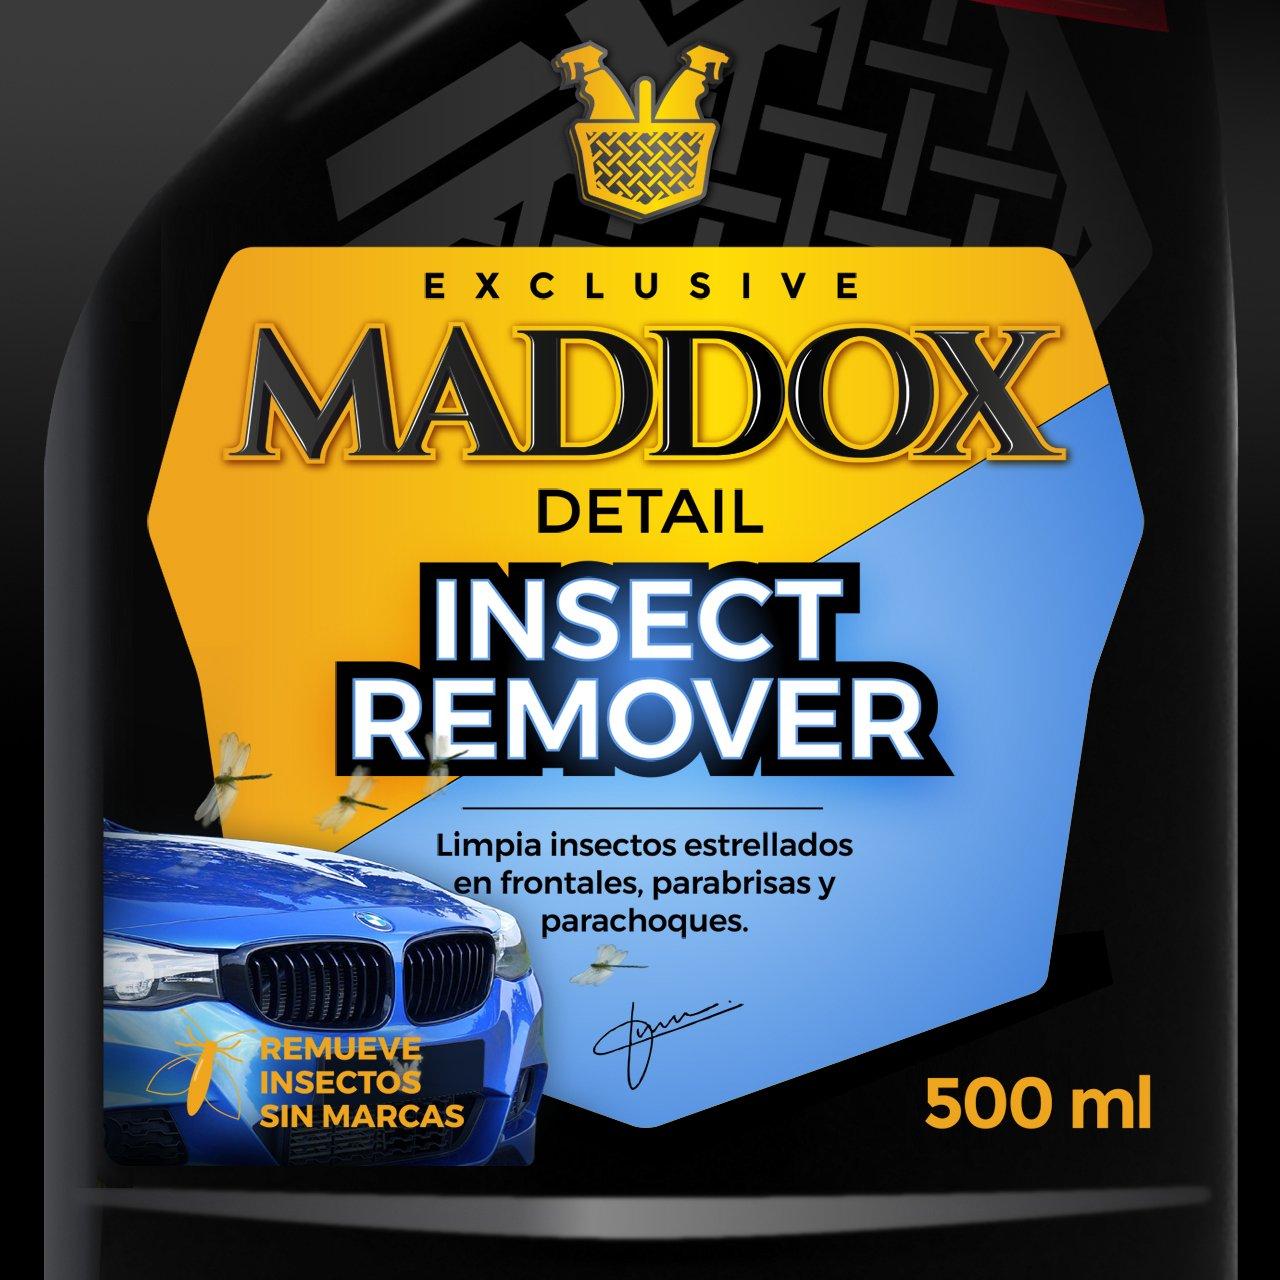 Maddox Detail Insect Remover - Limpiador insectos estrellados en frontales, parabrisas y parachoques. (500ml): Amazon.es: Coche y moto